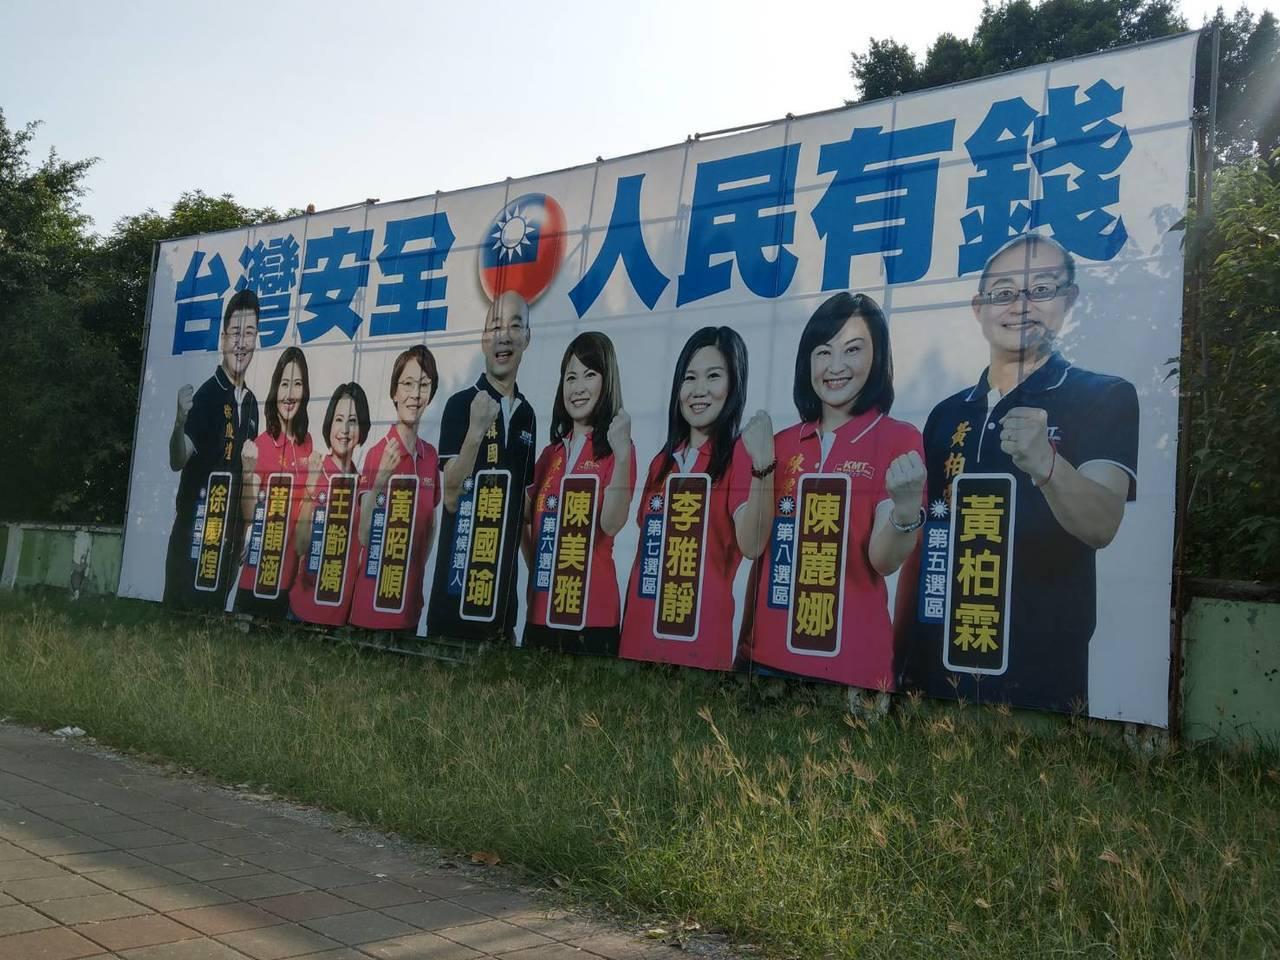 韓國瑜和國民黨提名8名立委參選人合體的大型看板,打出「台灣安全、人民有錢」的口號...